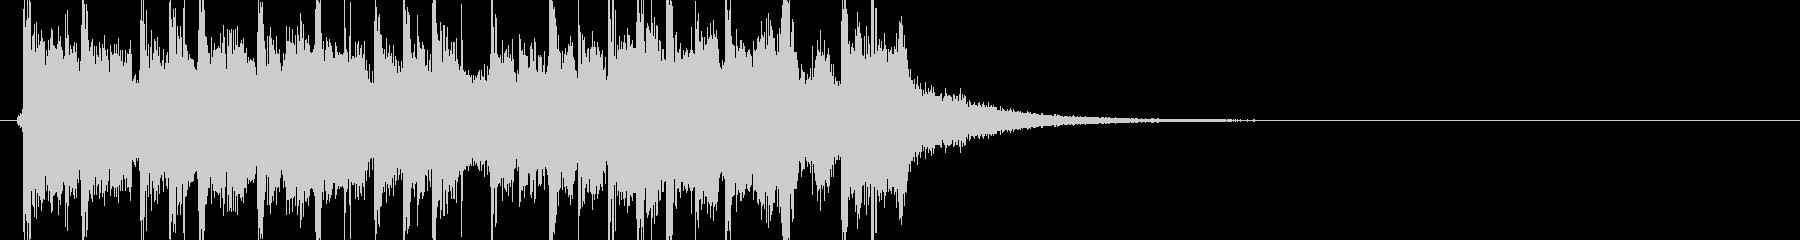 使いやすいマーチングテイストの曲の未再生の波形